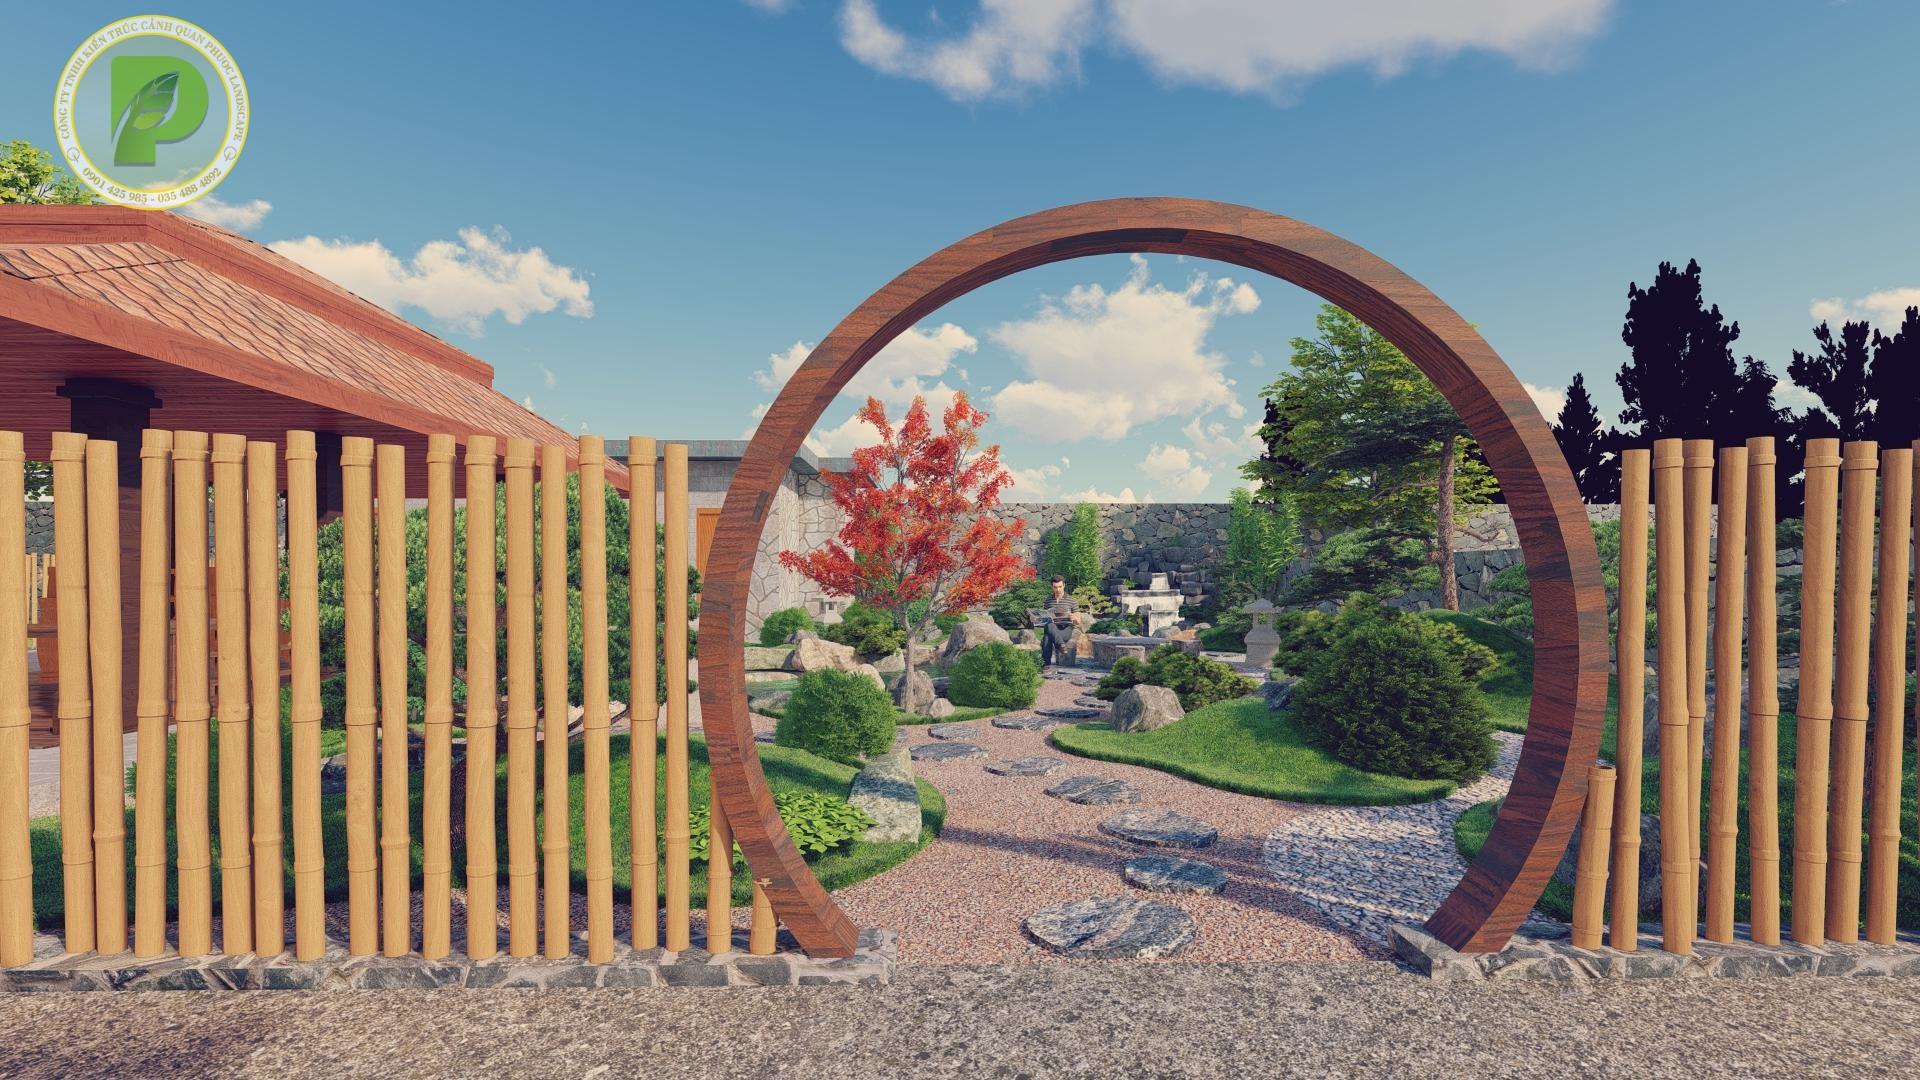 Báo giá thiết kế sân vườn, cảnh quan